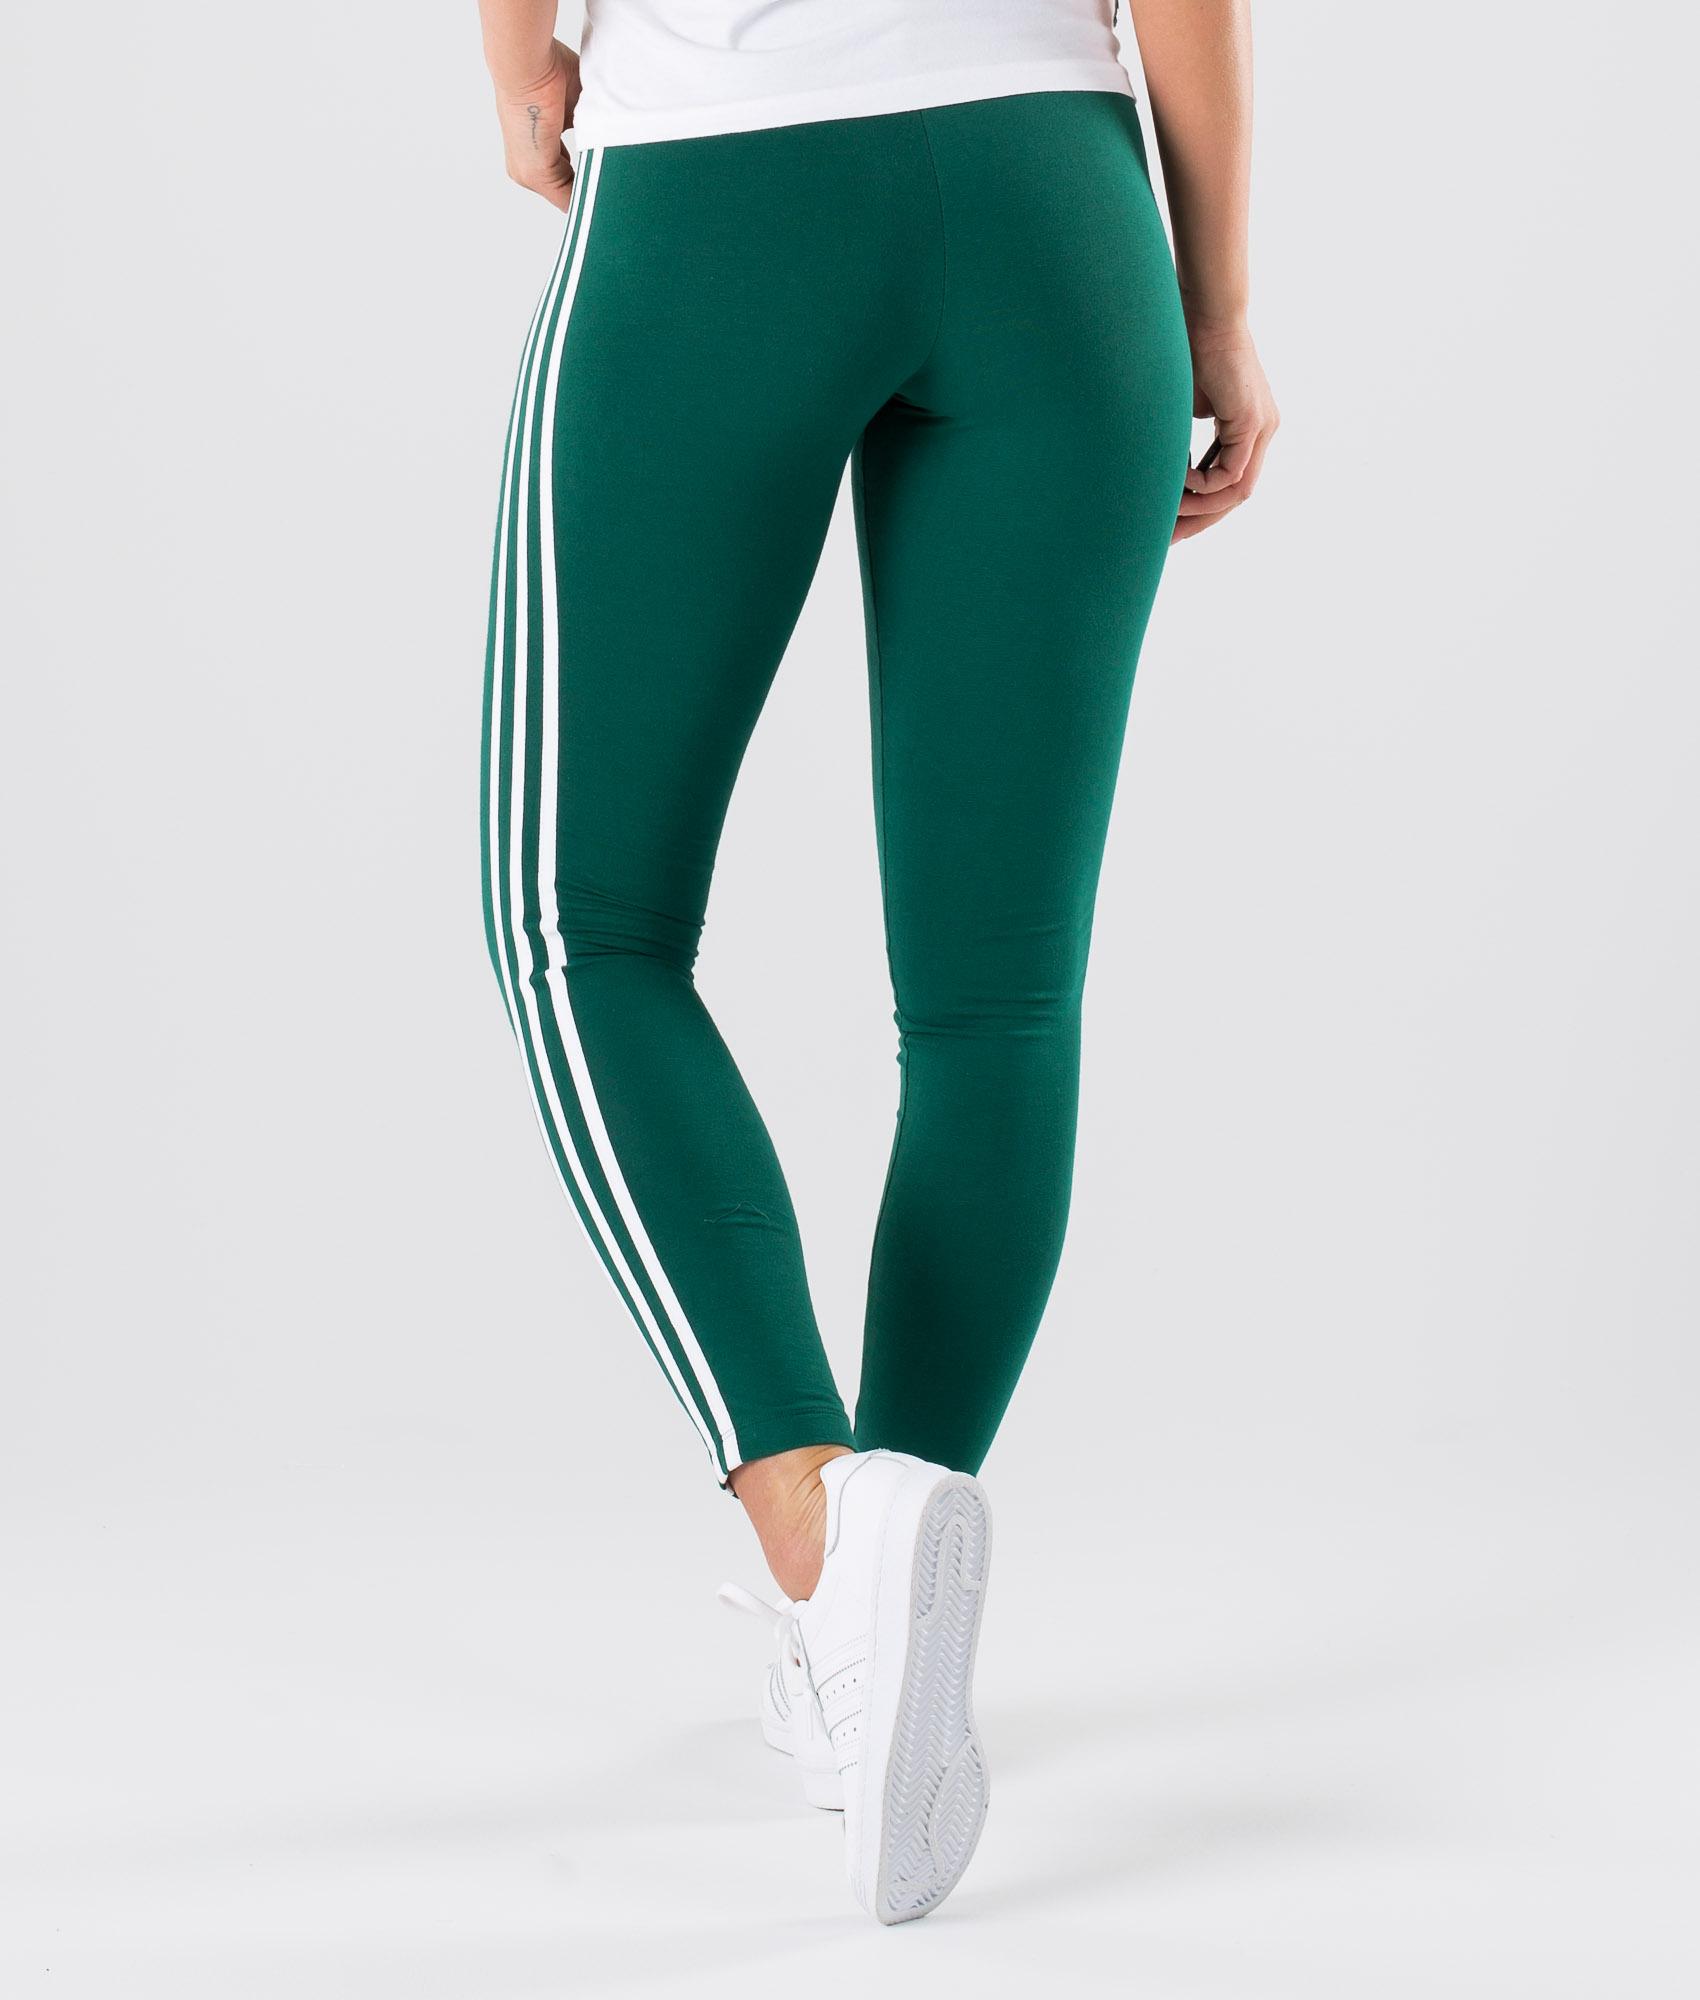 Adidas Originals 3 Stripes Leggings Collegiate Green